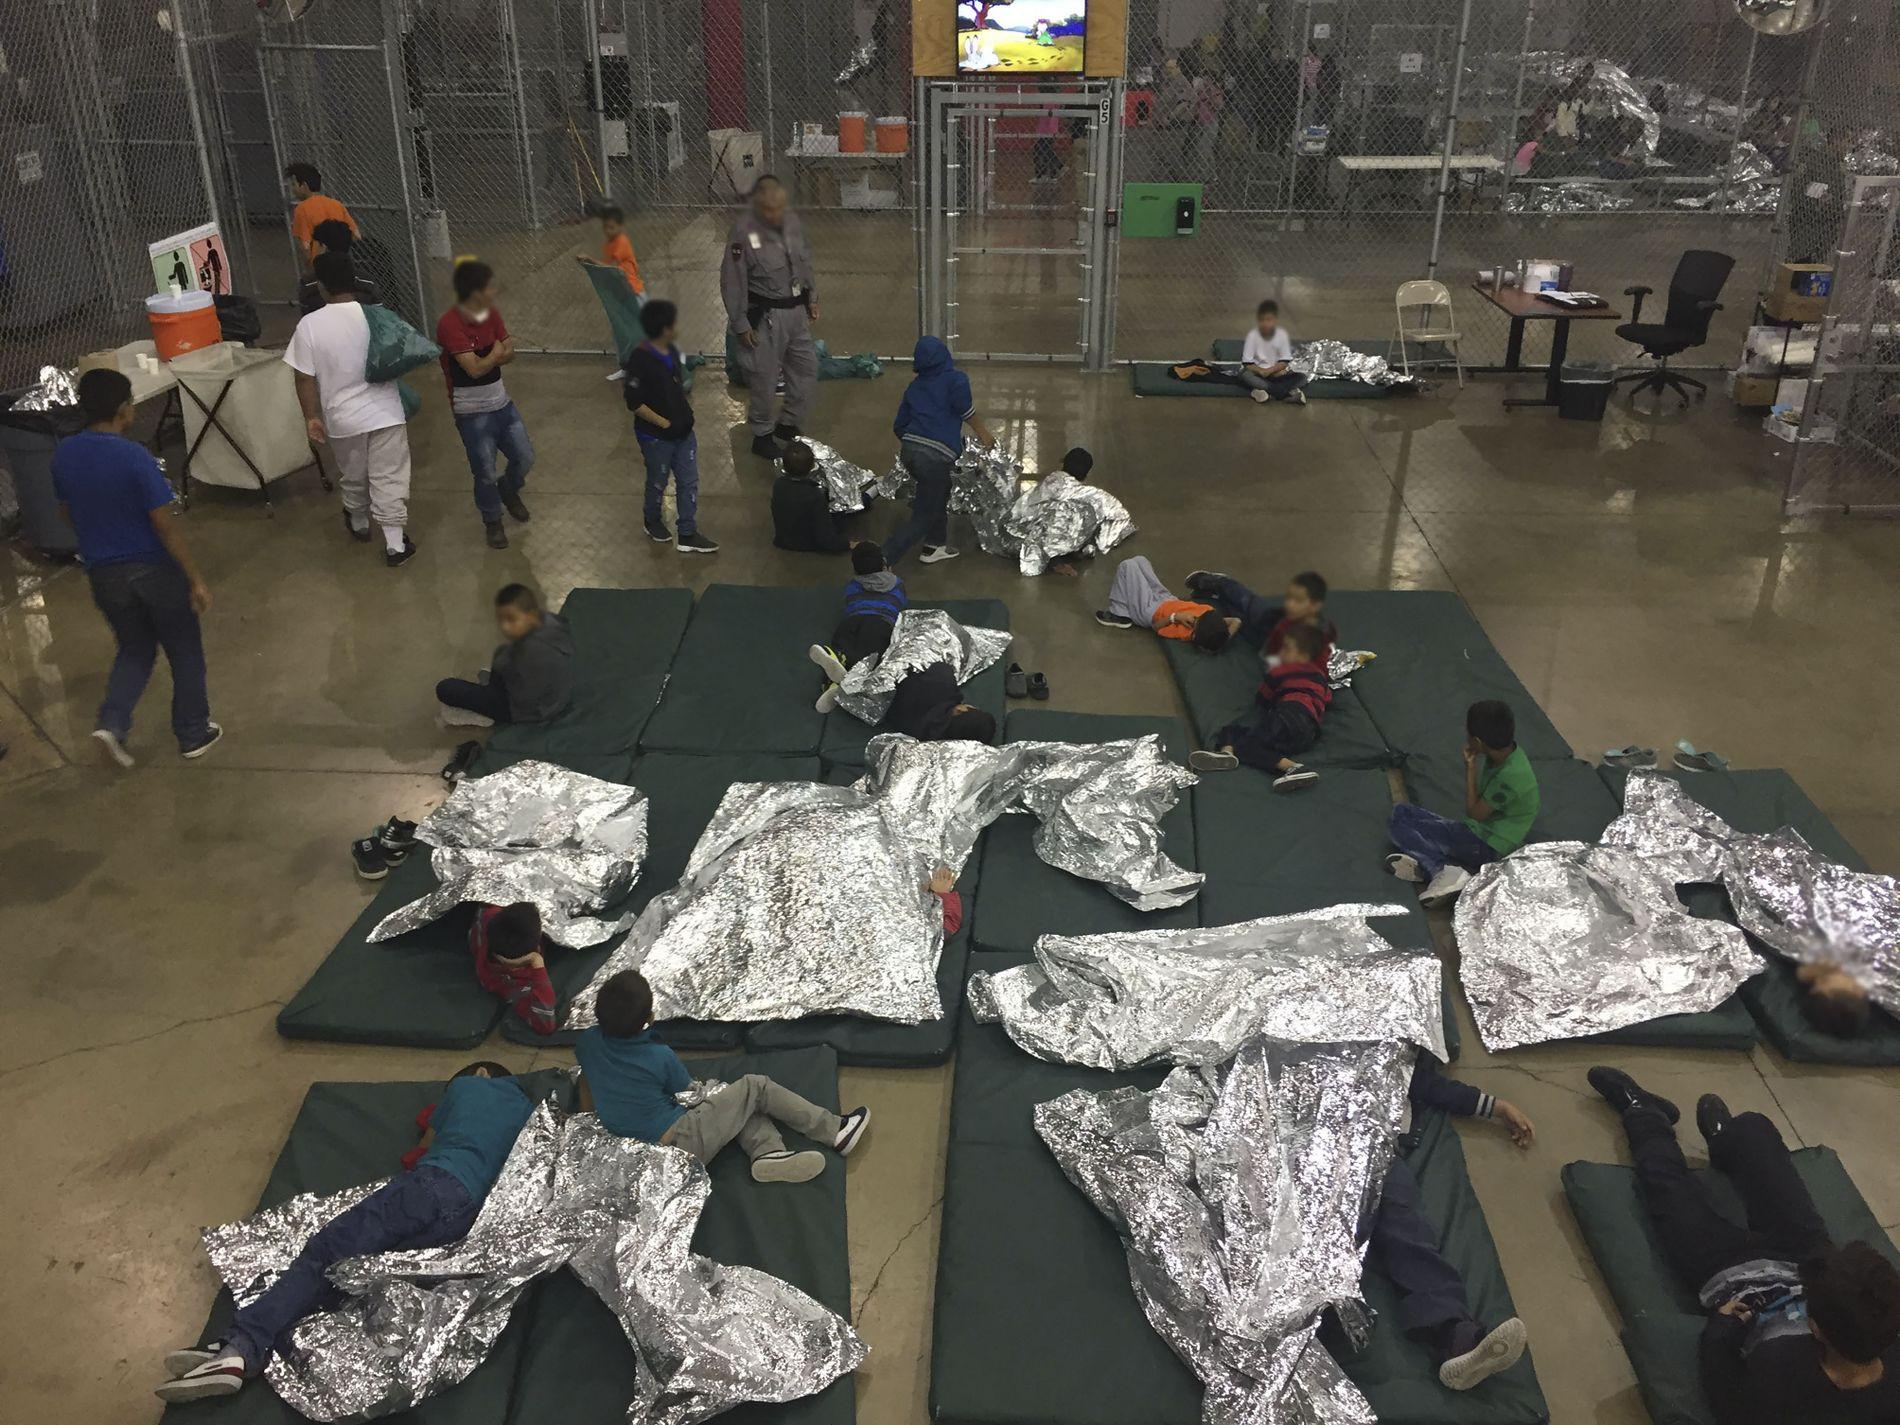 GRENSEKRISE: Over 2300 barn er blitt skilt fra foreldrene på den amerikanske grensen. Bildet viser et av mottakene i McAllen i Texas.